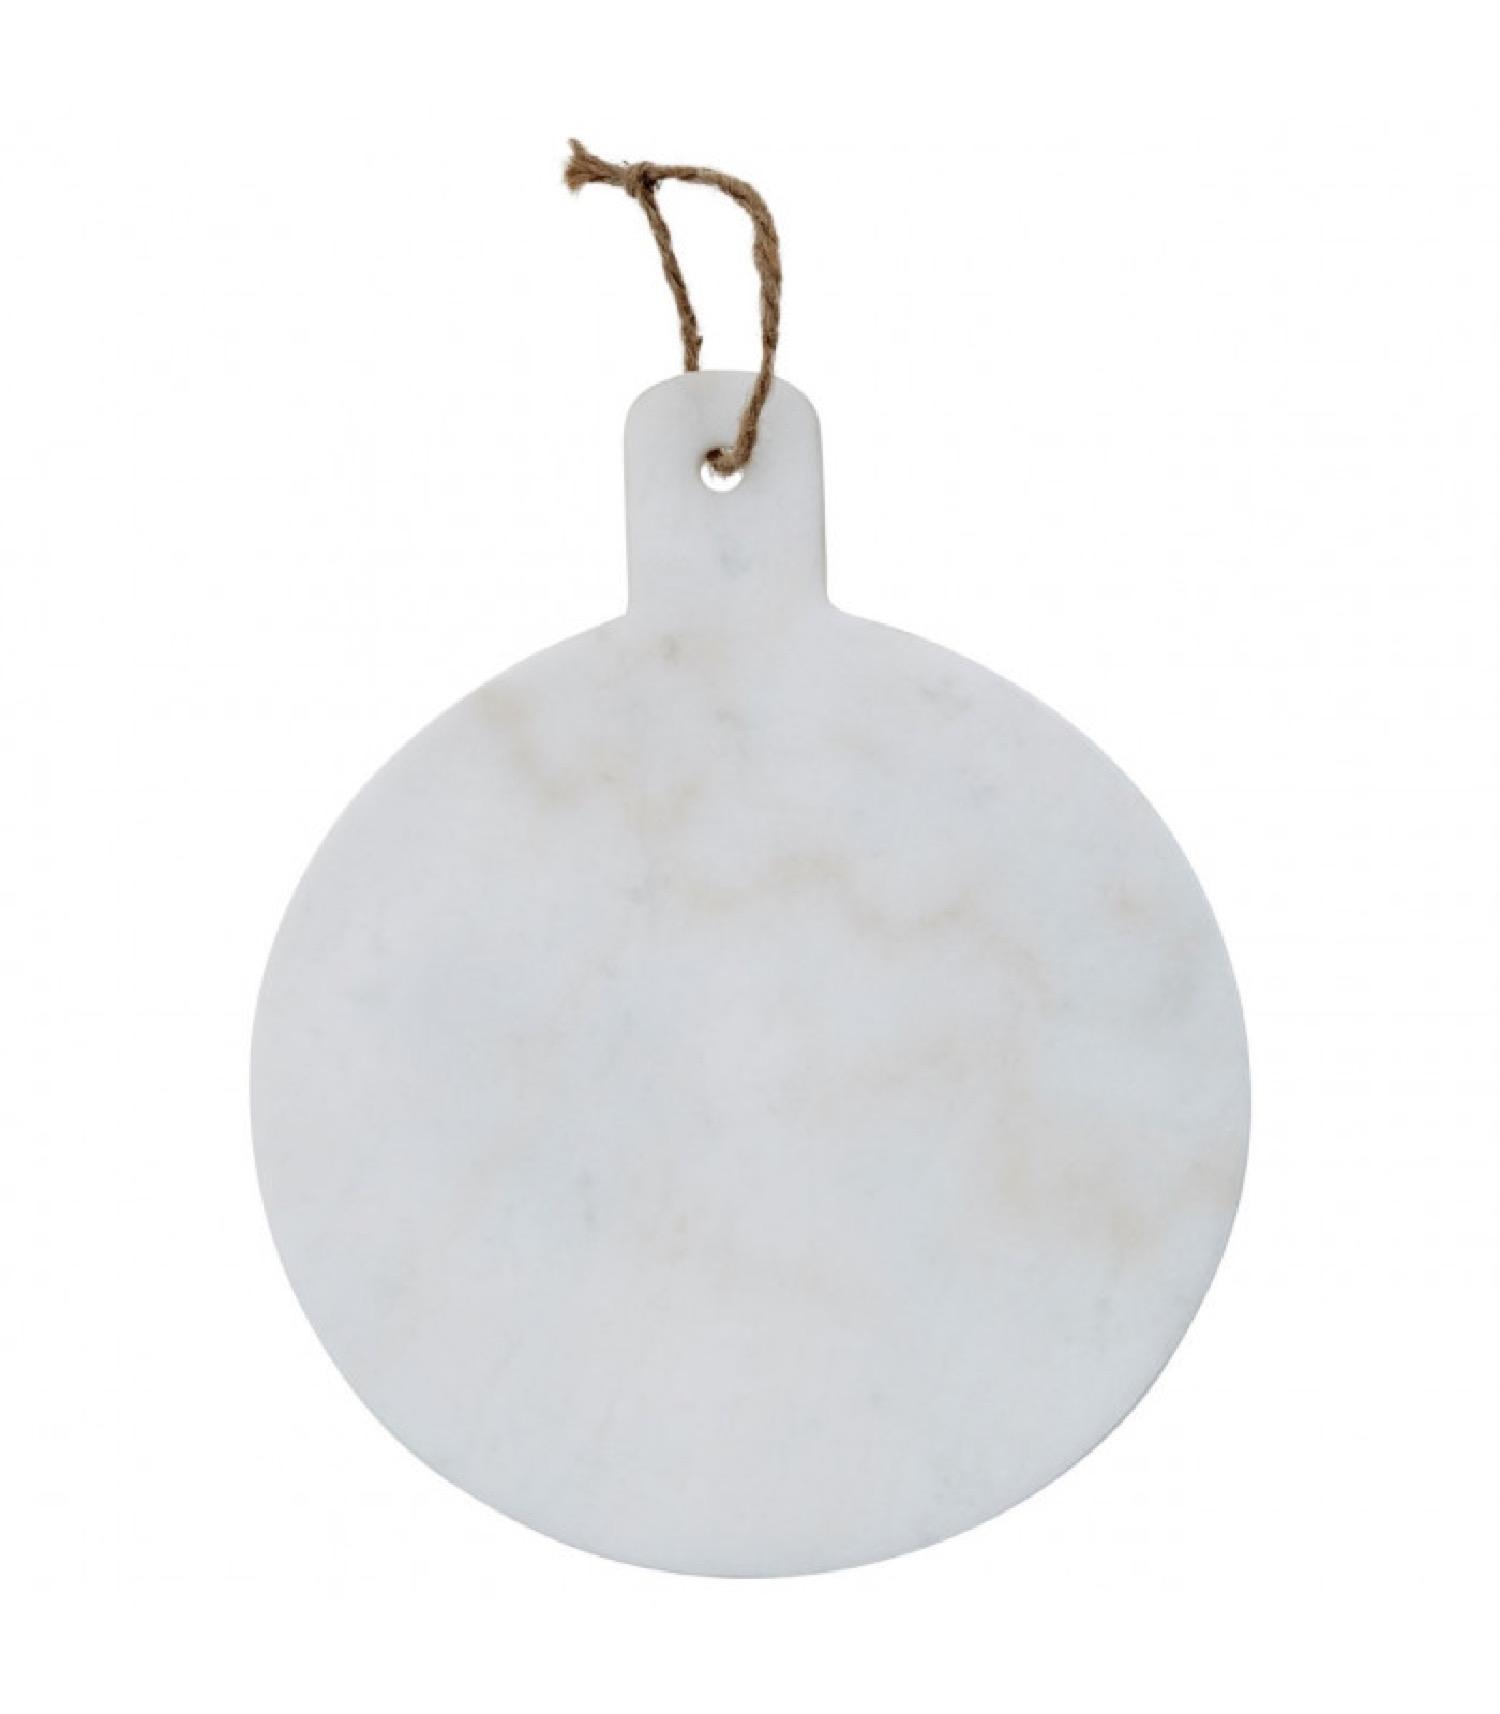 Planche à découper ronde en marbre blanc D25cm